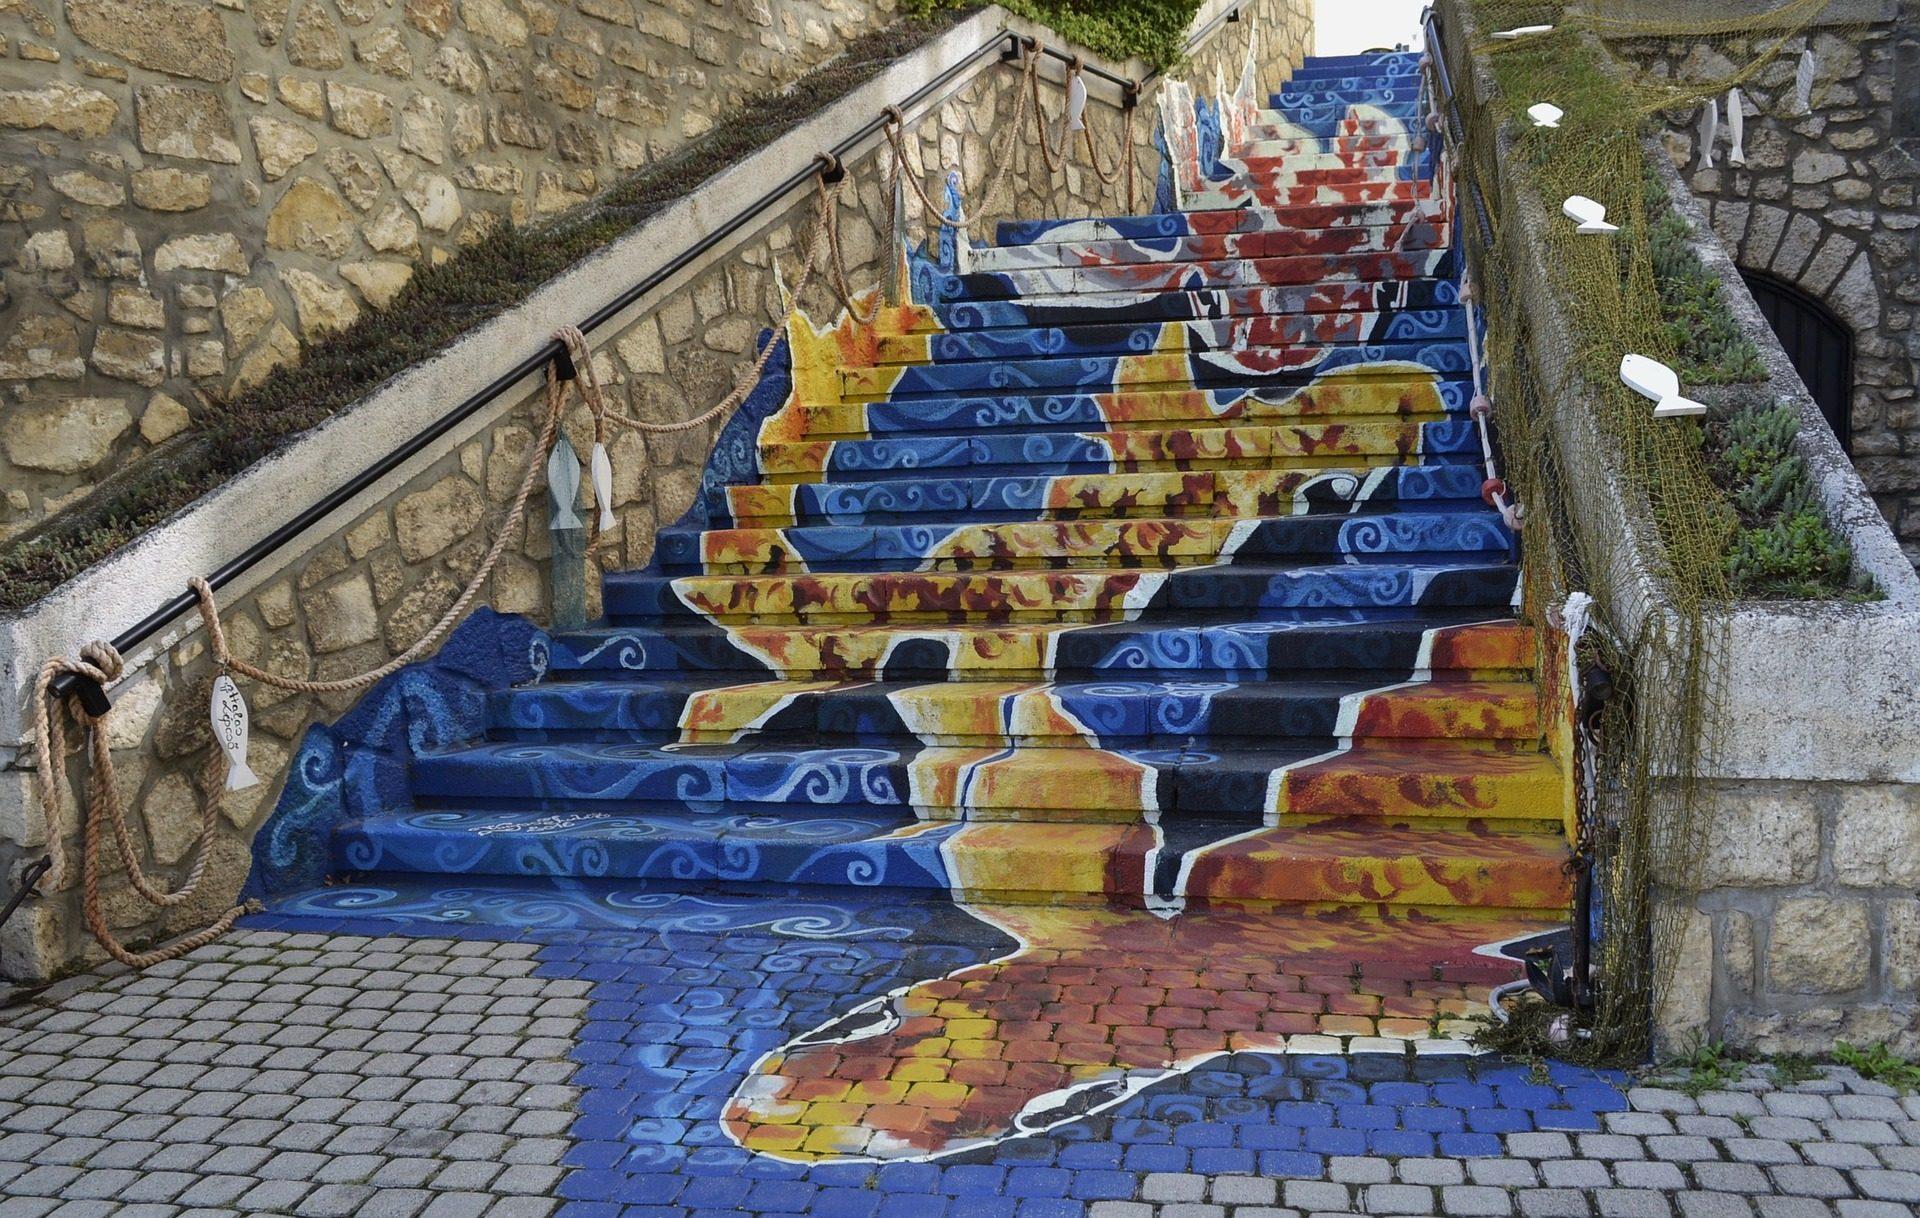 楼梯, 楼梯踏板, 绘画, 涂鸦, 鱼 - 高清壁纸 - 教授-falken.com